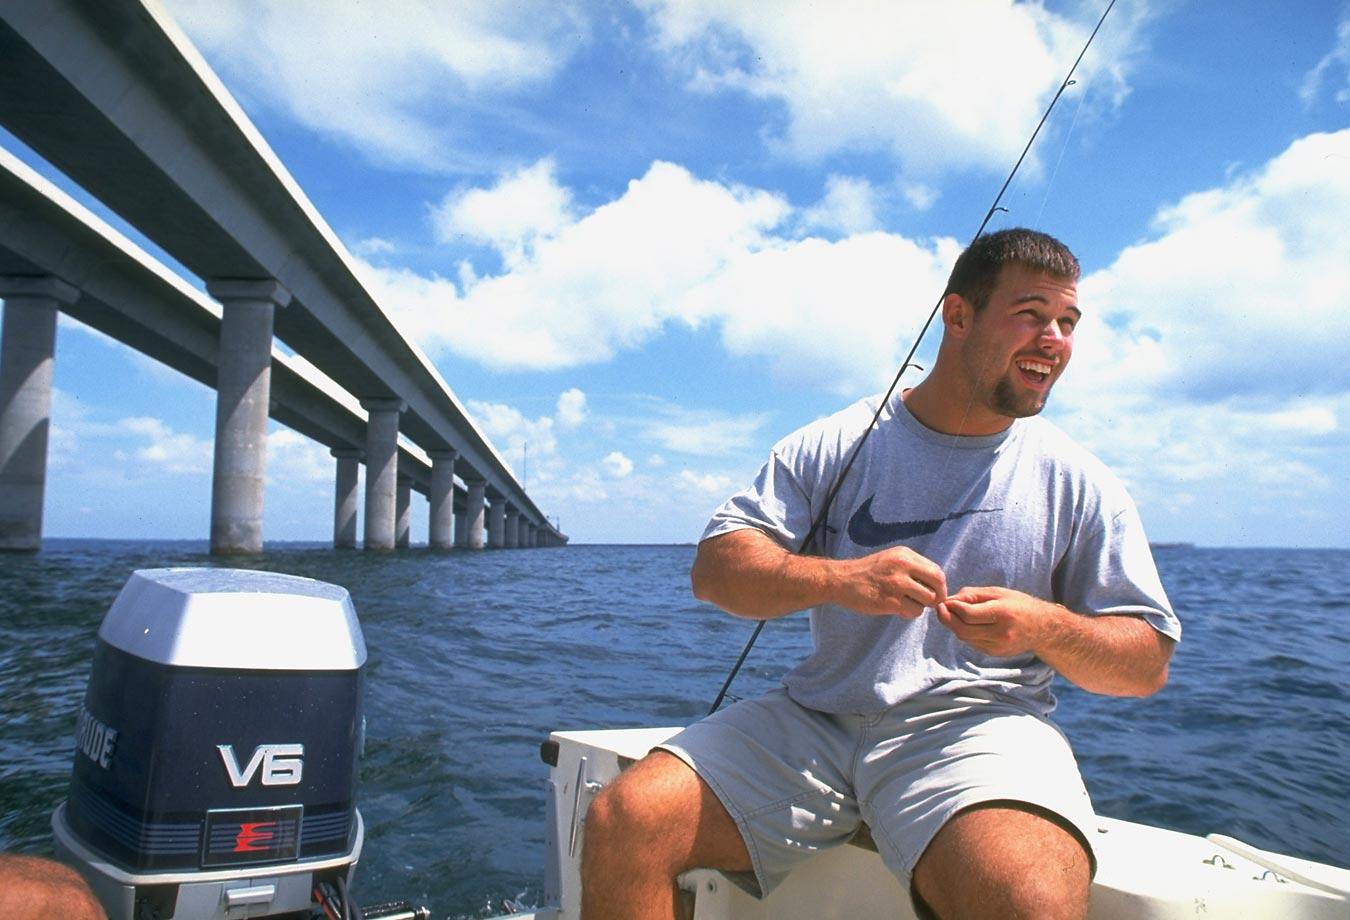 Mike Alstott of the Tampa Bay Buccaneers baiting line in 1997.